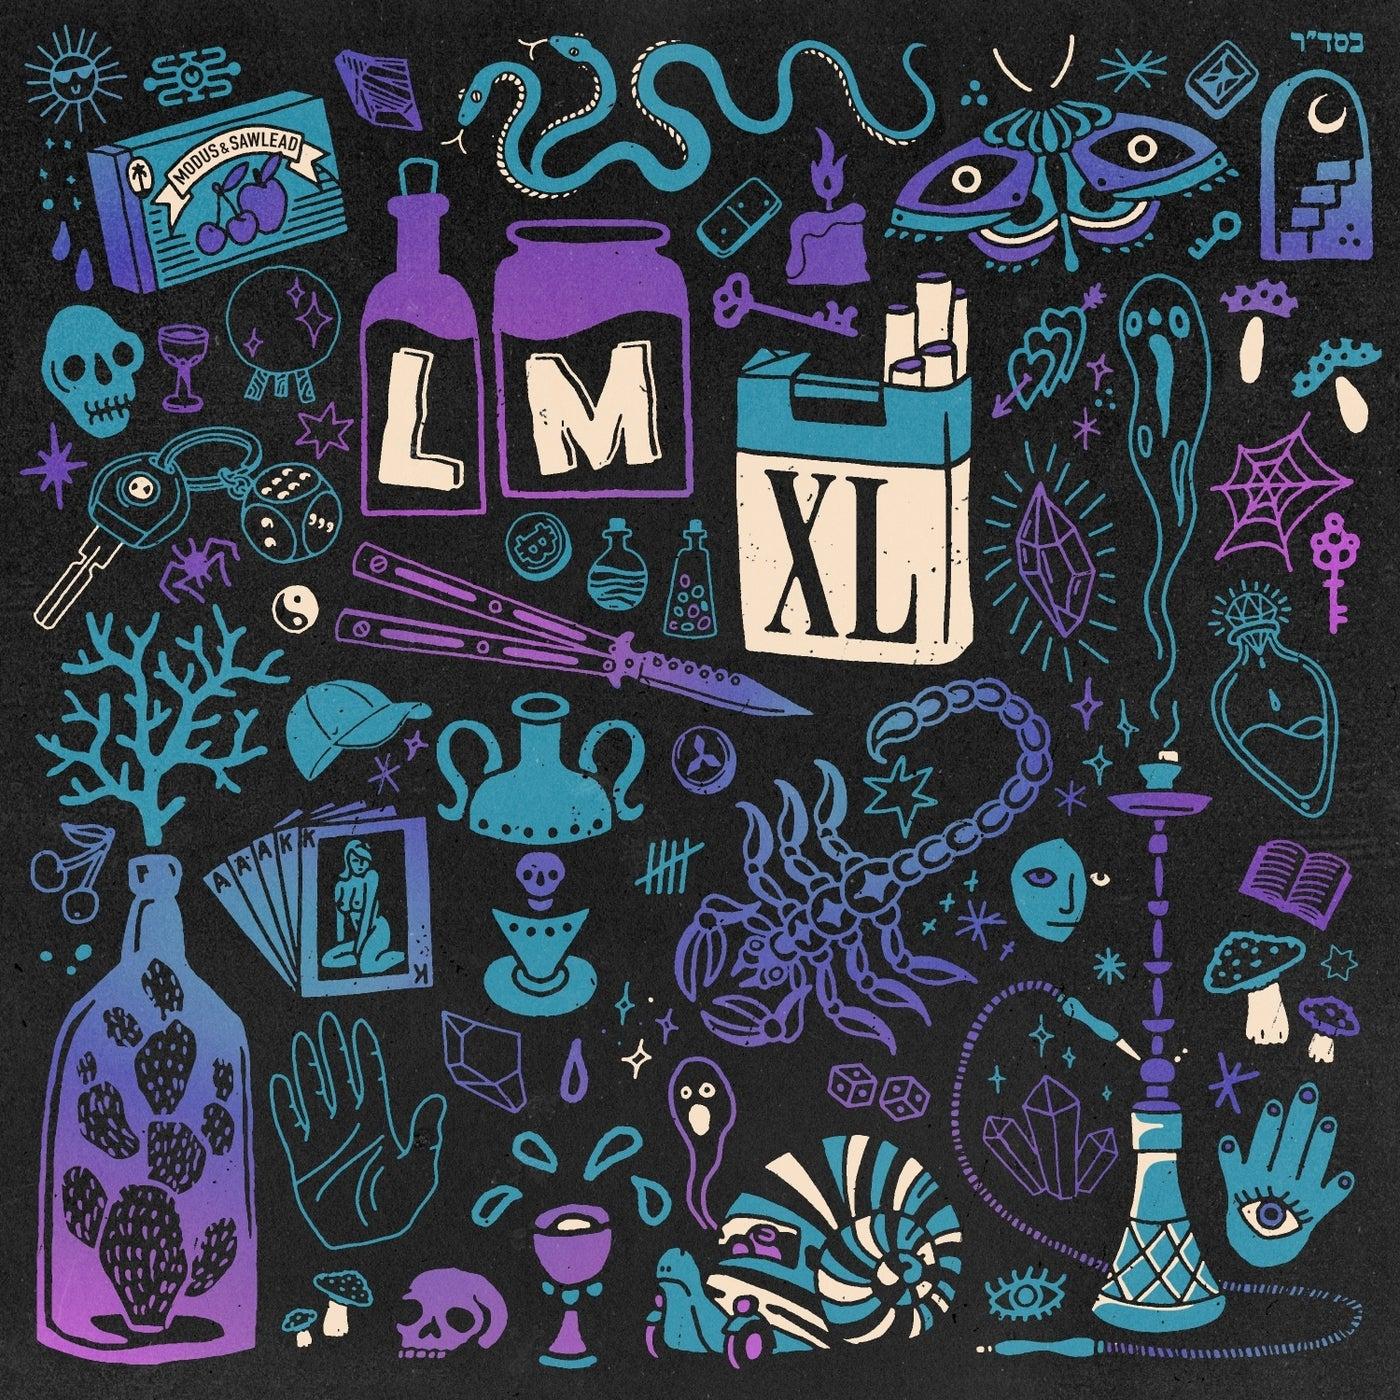 Lmxl (Original Mix)